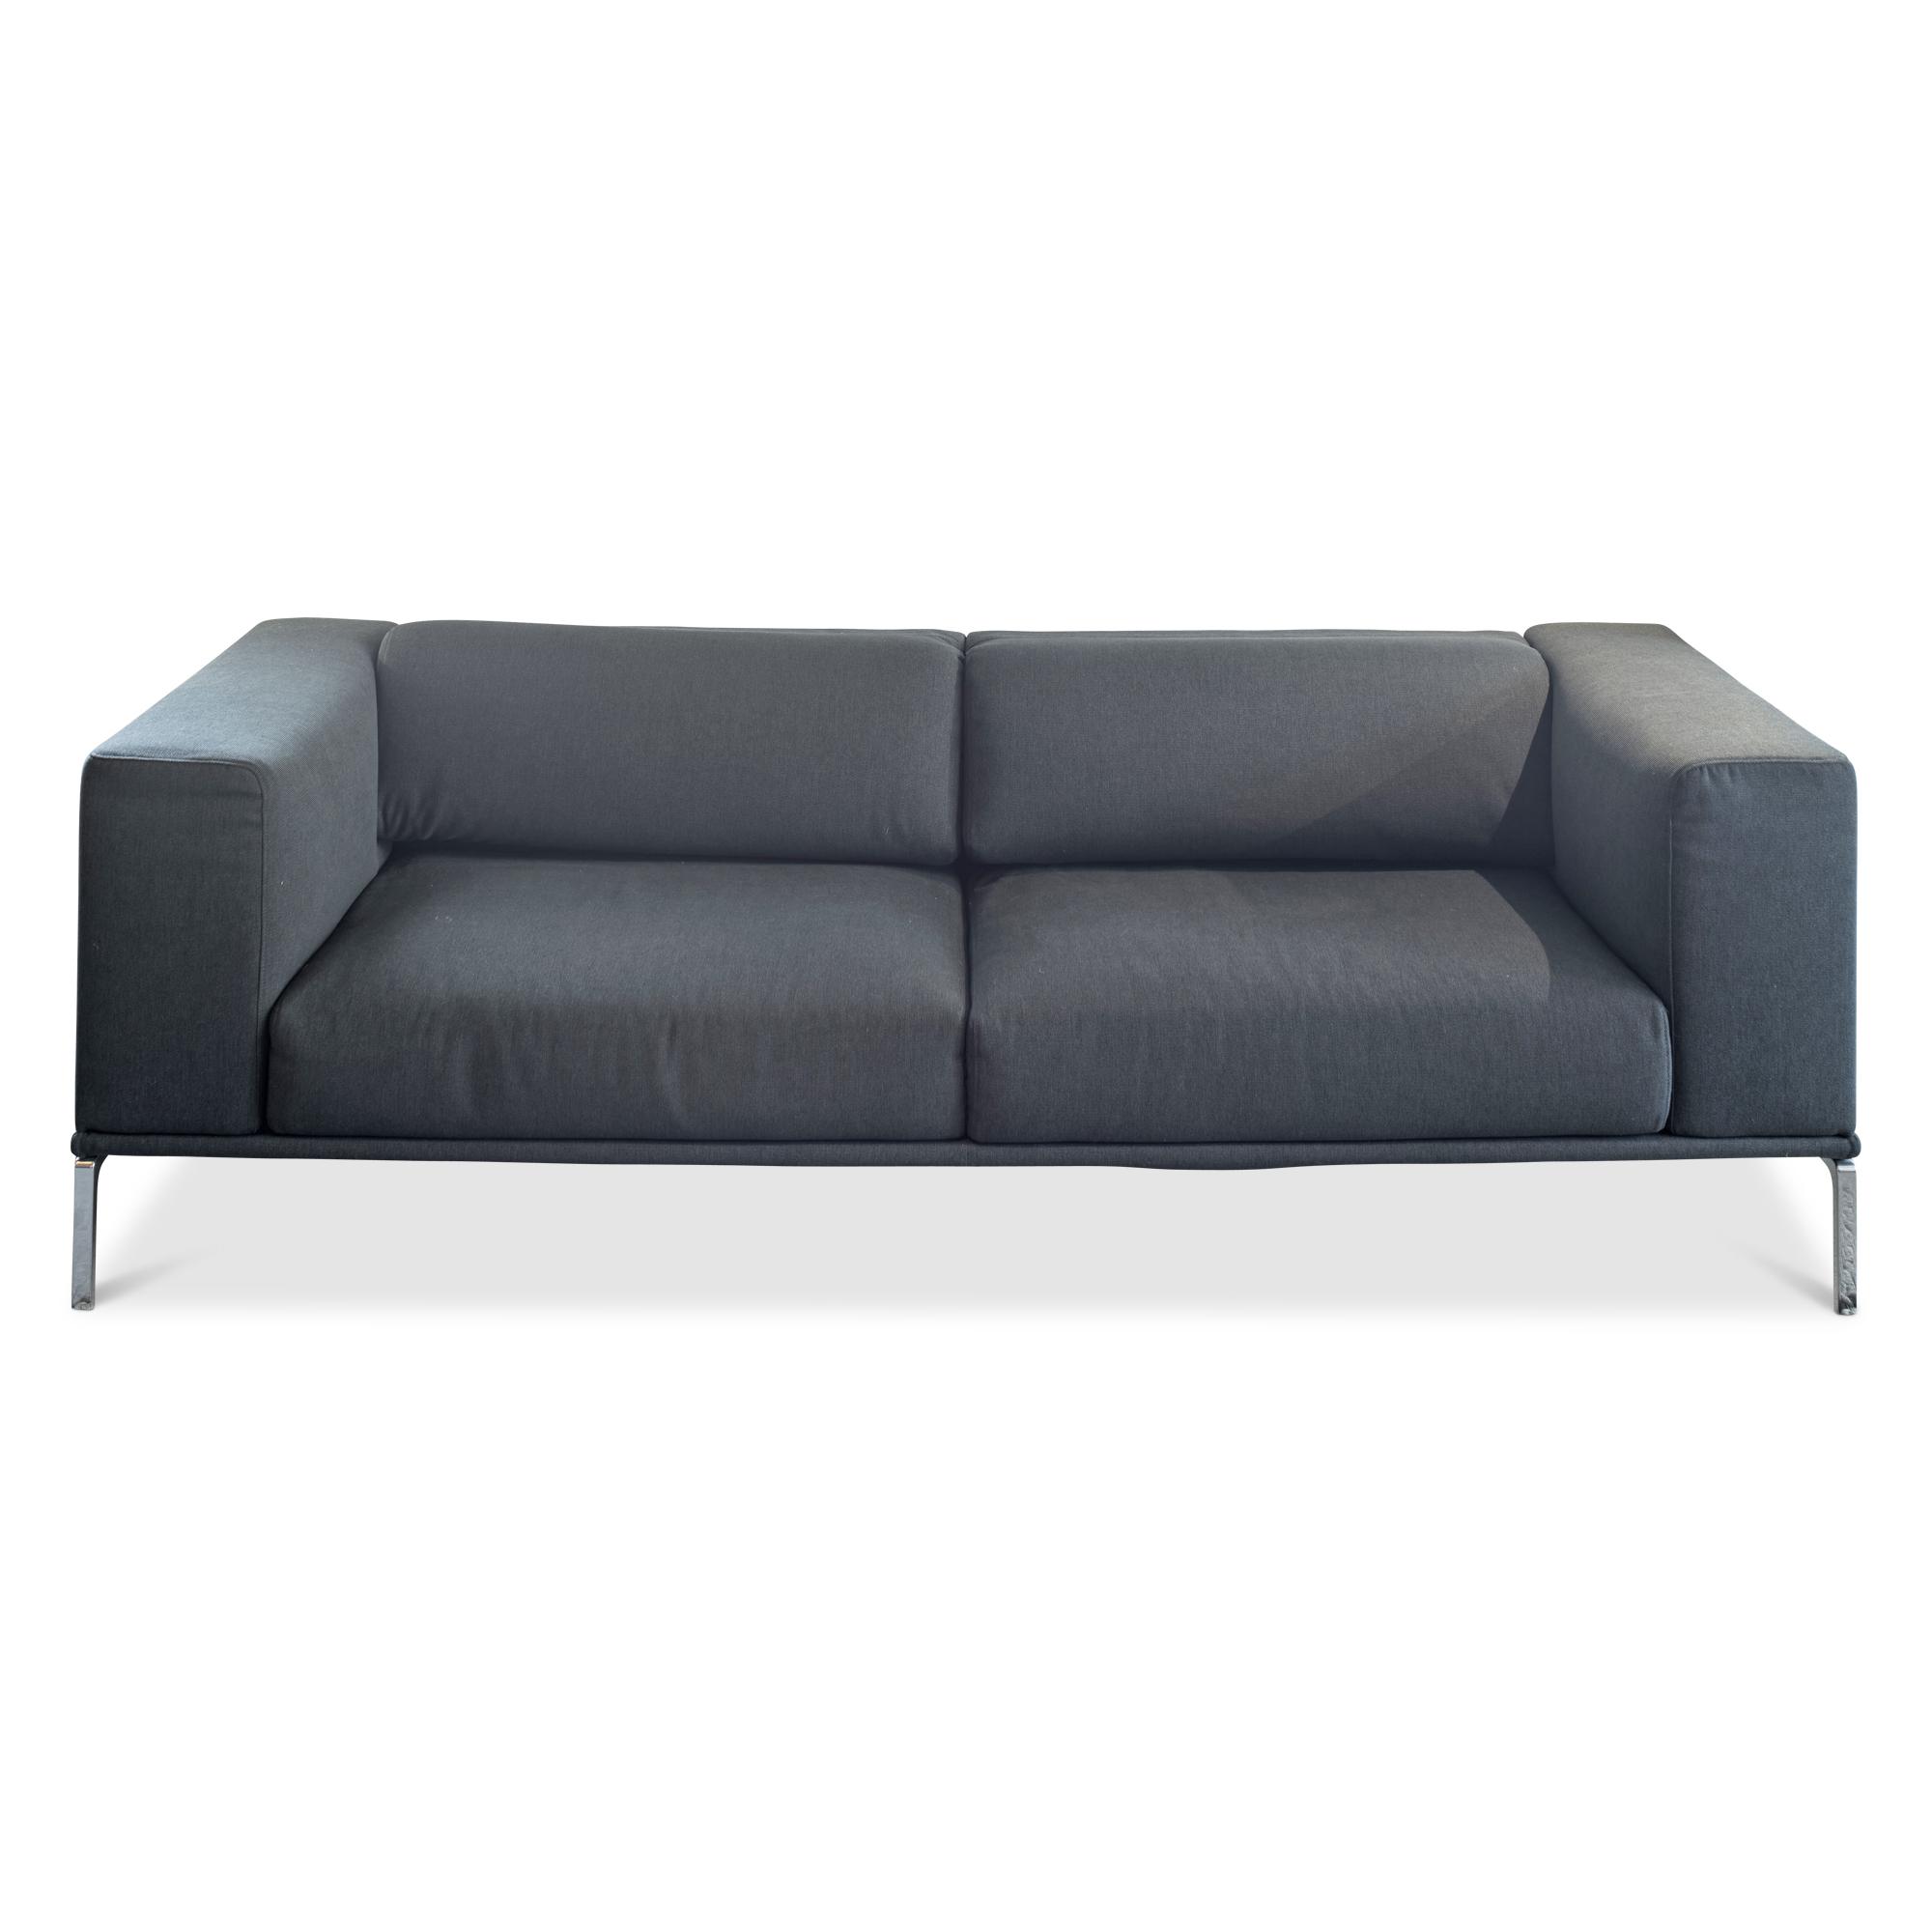 Sofa Move mit verstellbarer Rückenlehne – Cassina – Sofas